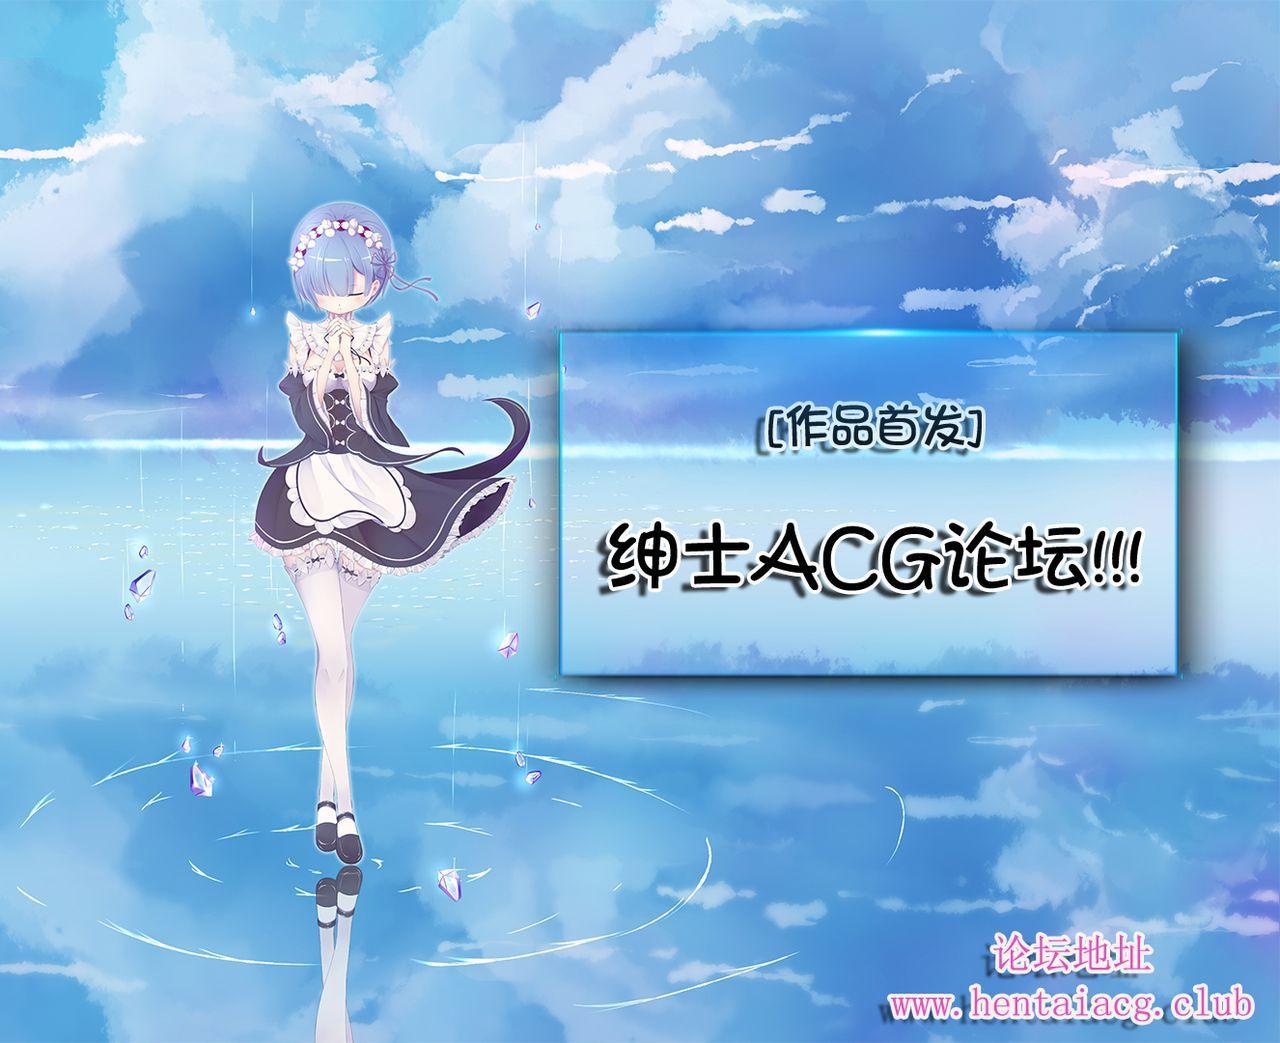 Da-sama ni Ashikoki Shite Morau Hon 11